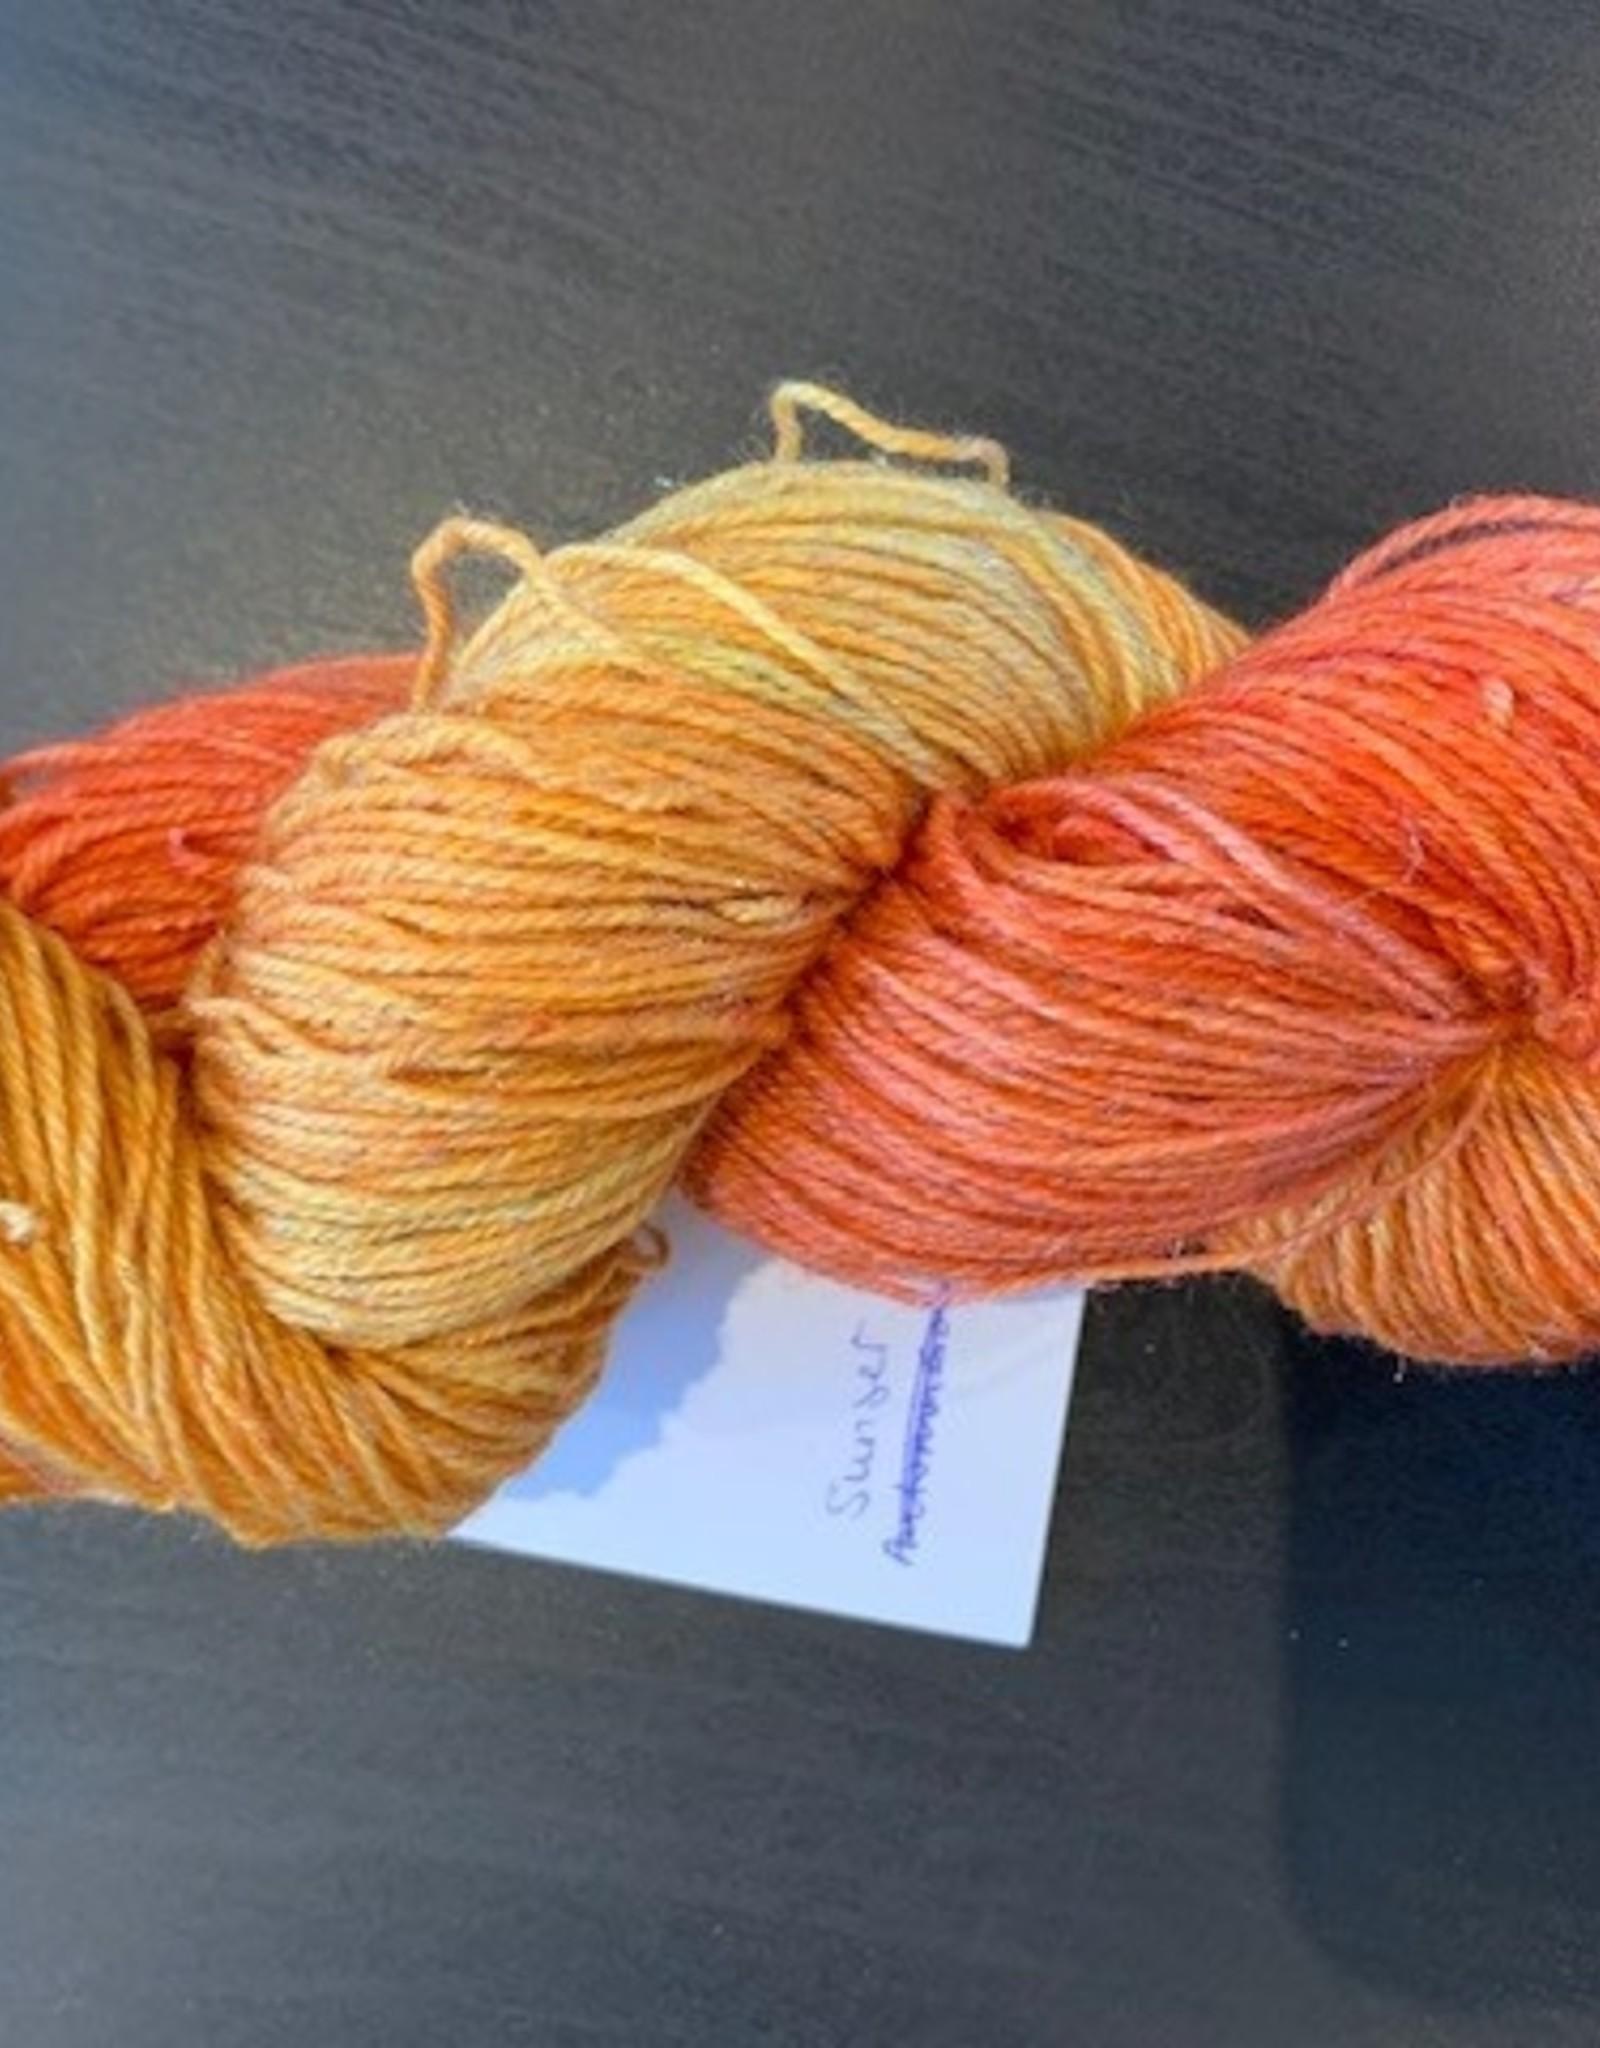 Lake Knits Lake Knits Sparkle Sock Part 2